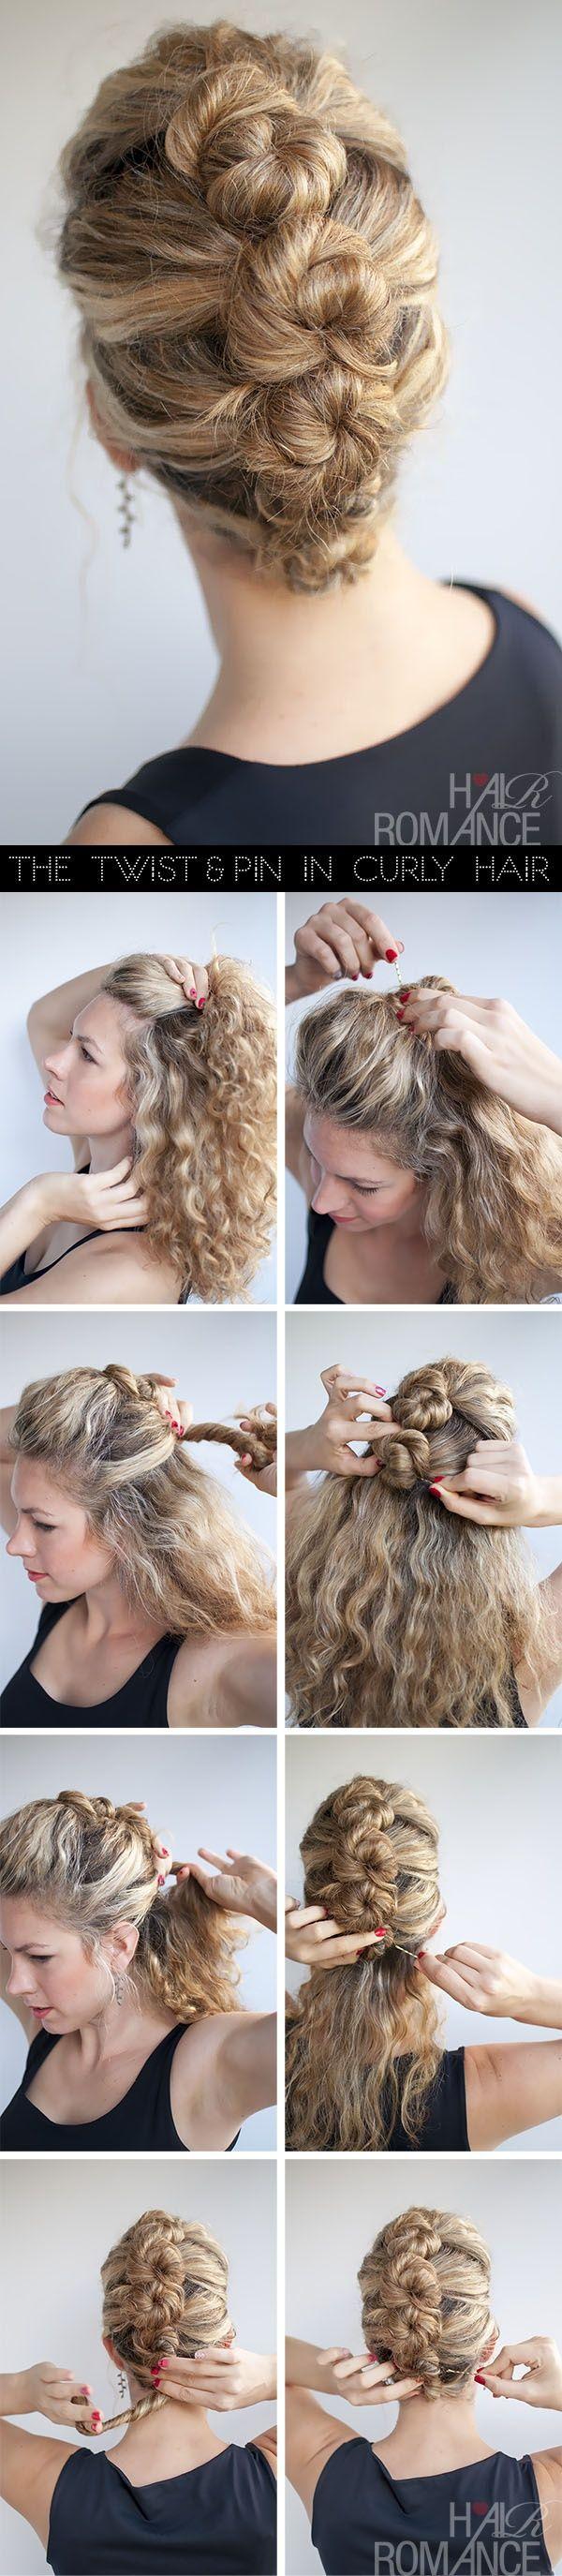 acconciatura di capelli lunghi